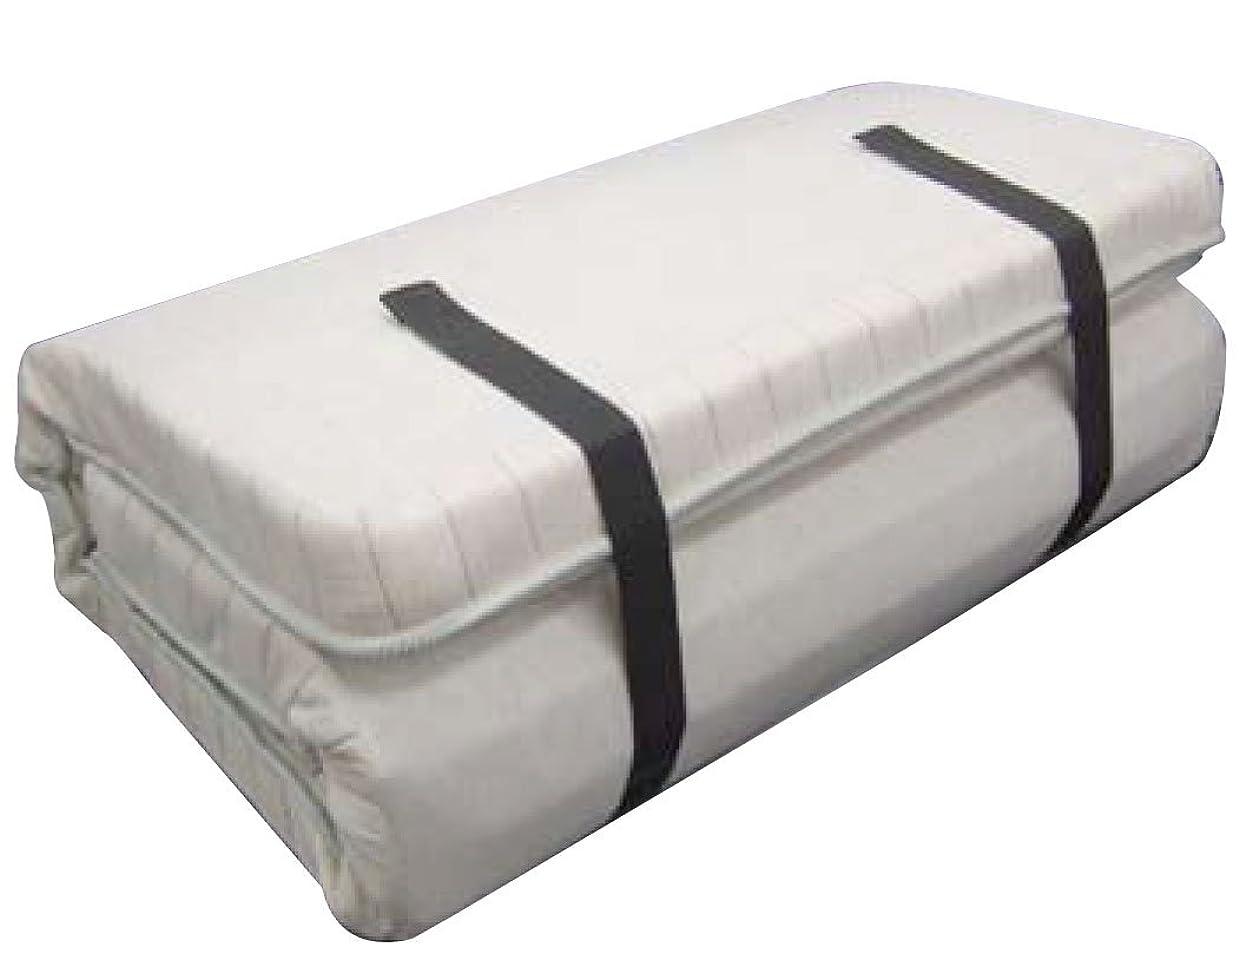 申し込むパンチ質量フランスベッド ラクネスーパー スモールシングルサイズ 31866000 31738